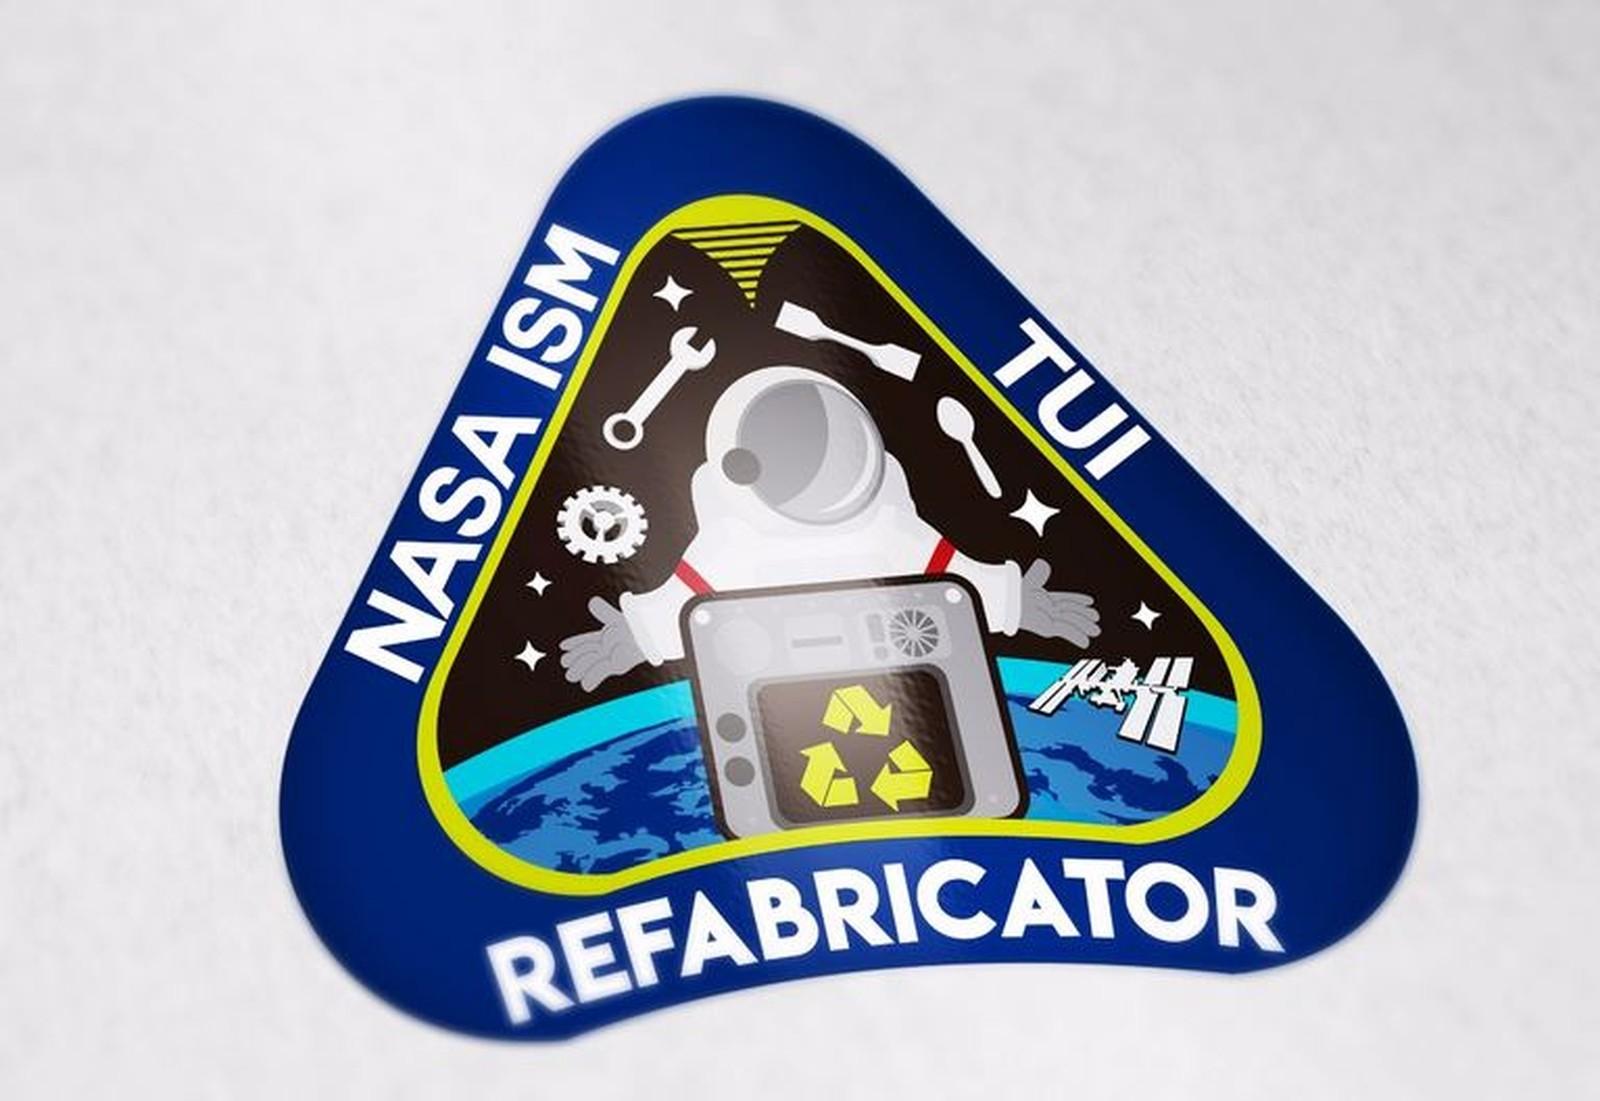 Insígnia simboliza exploração espacial, reciclagem e potencial revolucionário da impressão 3D no espaço (Foto: Acervo Pessoal)